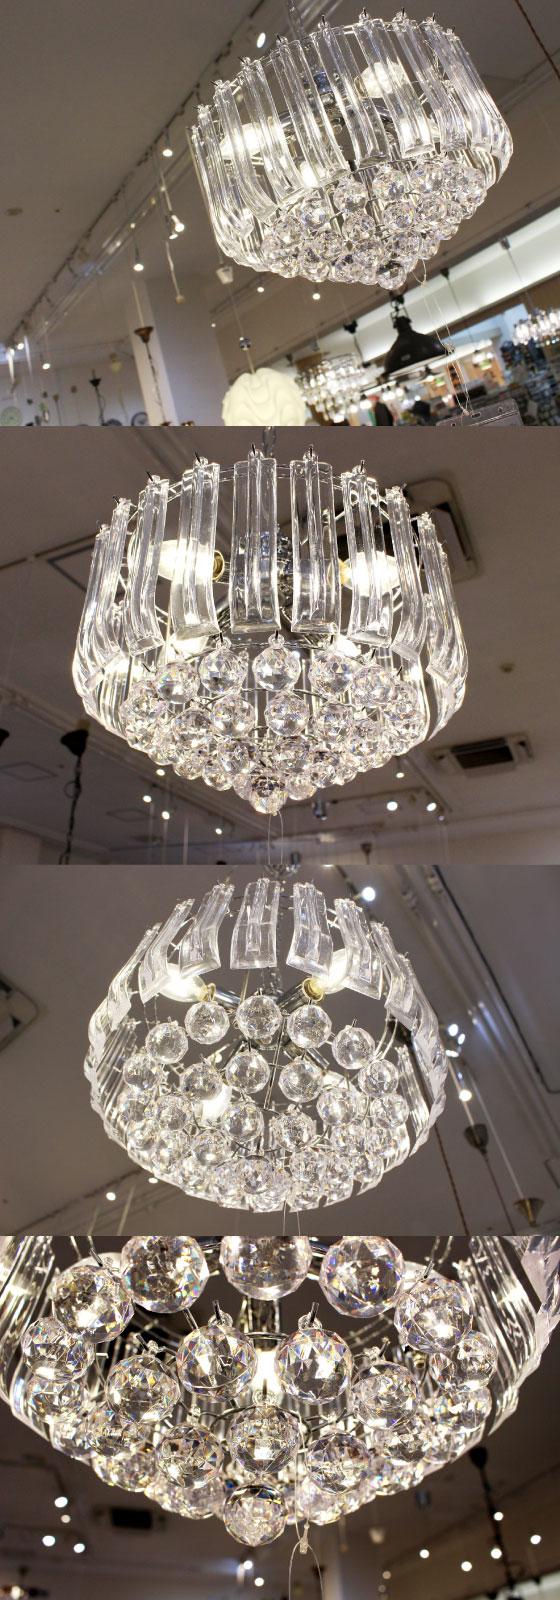 シーリングタイプ・ゴージャス4灯シャンデリア(クリアー)LED対応